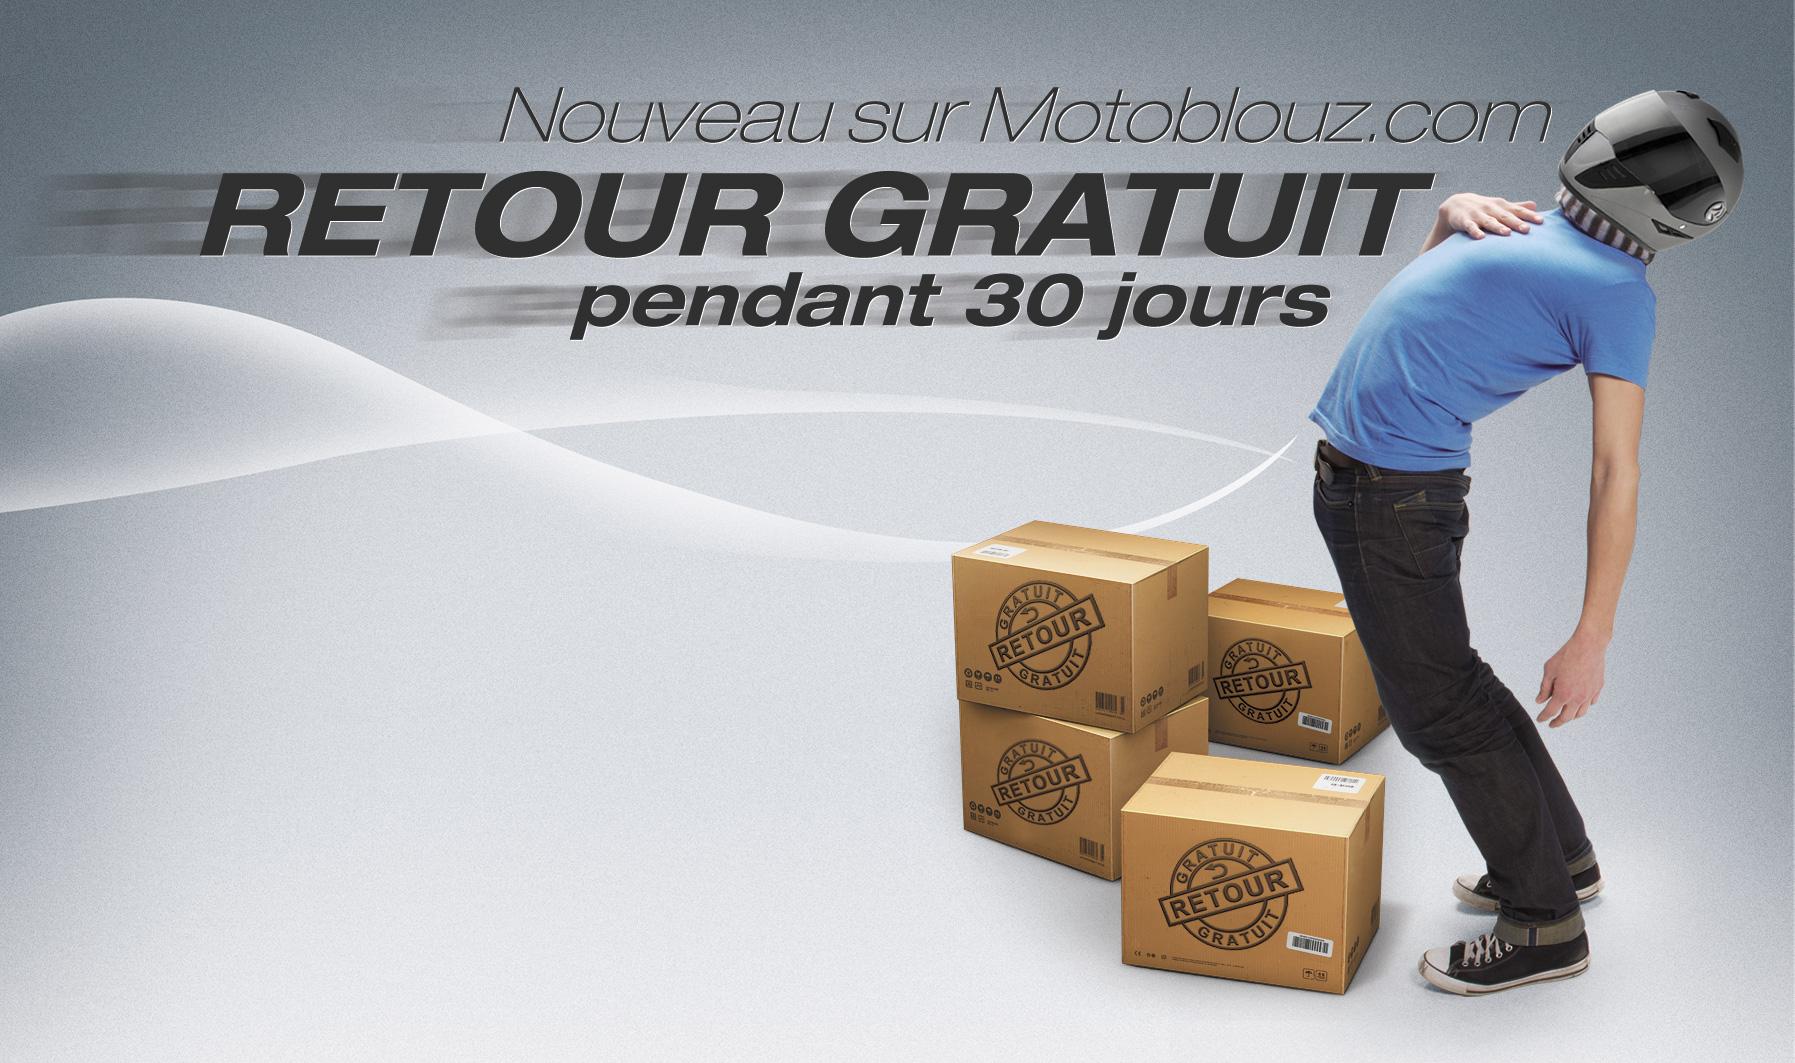 Le retour gratuit sur Motoblouz.com